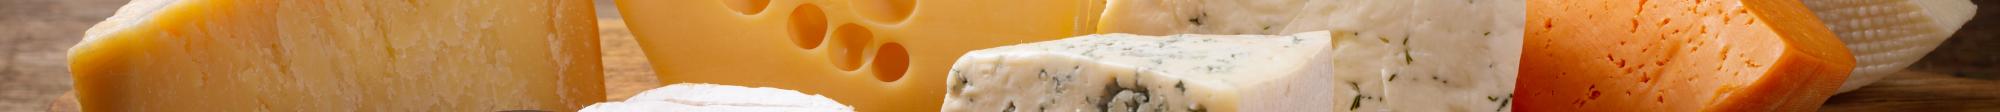 Comprar queso tipo de leche gourmet | Mixtura Gourmet